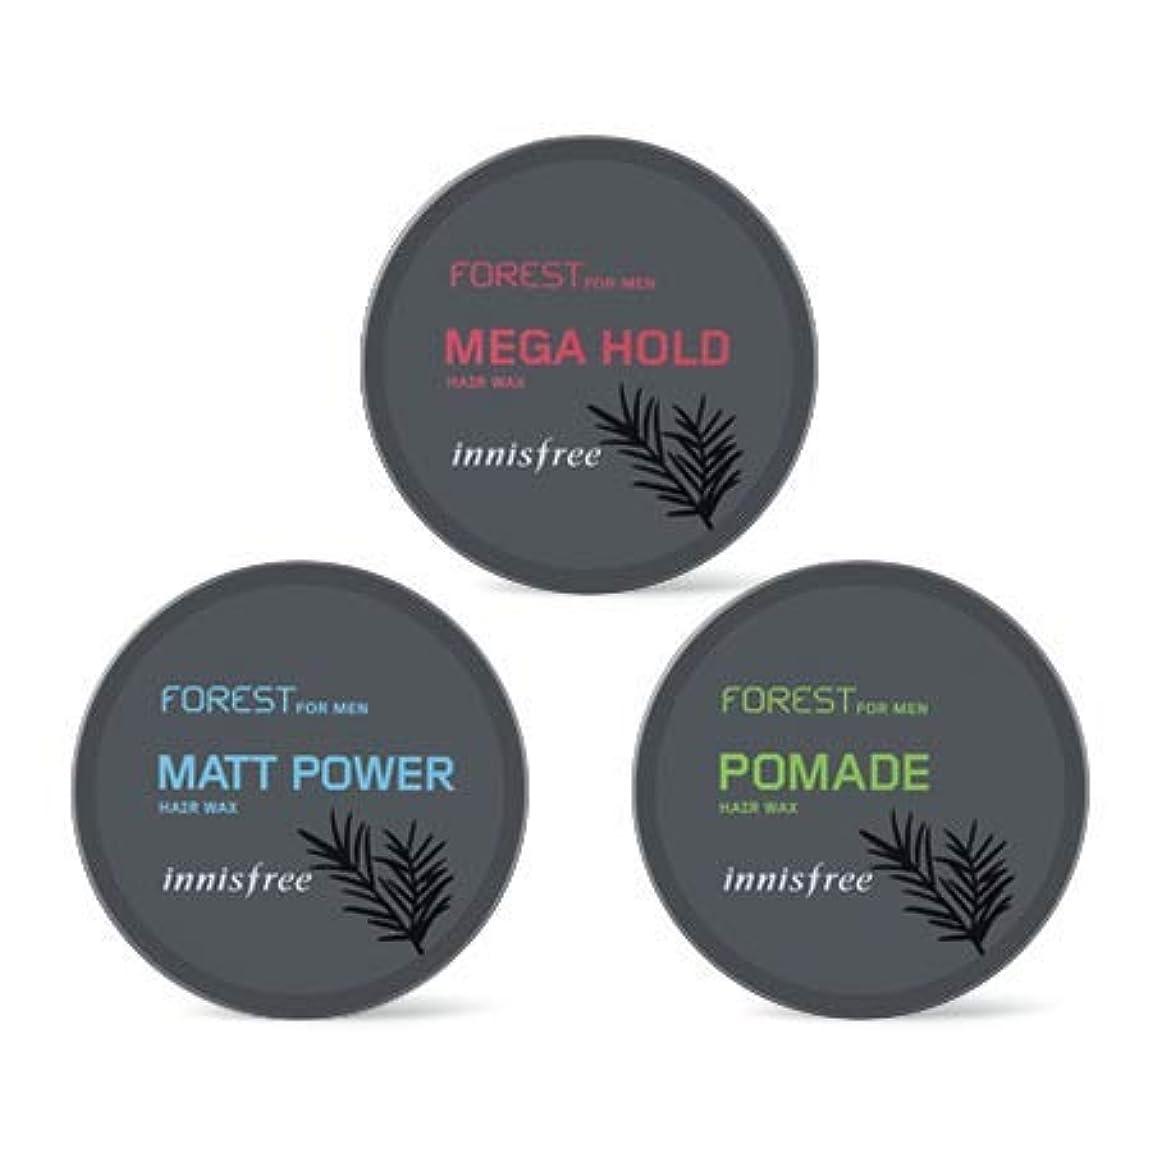 免除賄賂可動式[イニスフリー.INNISFREE](公式)フォレストフォアマンヘアワックス(3種)/ Forest For Men Hair Wax(60G、3 kind) (# mega hold)